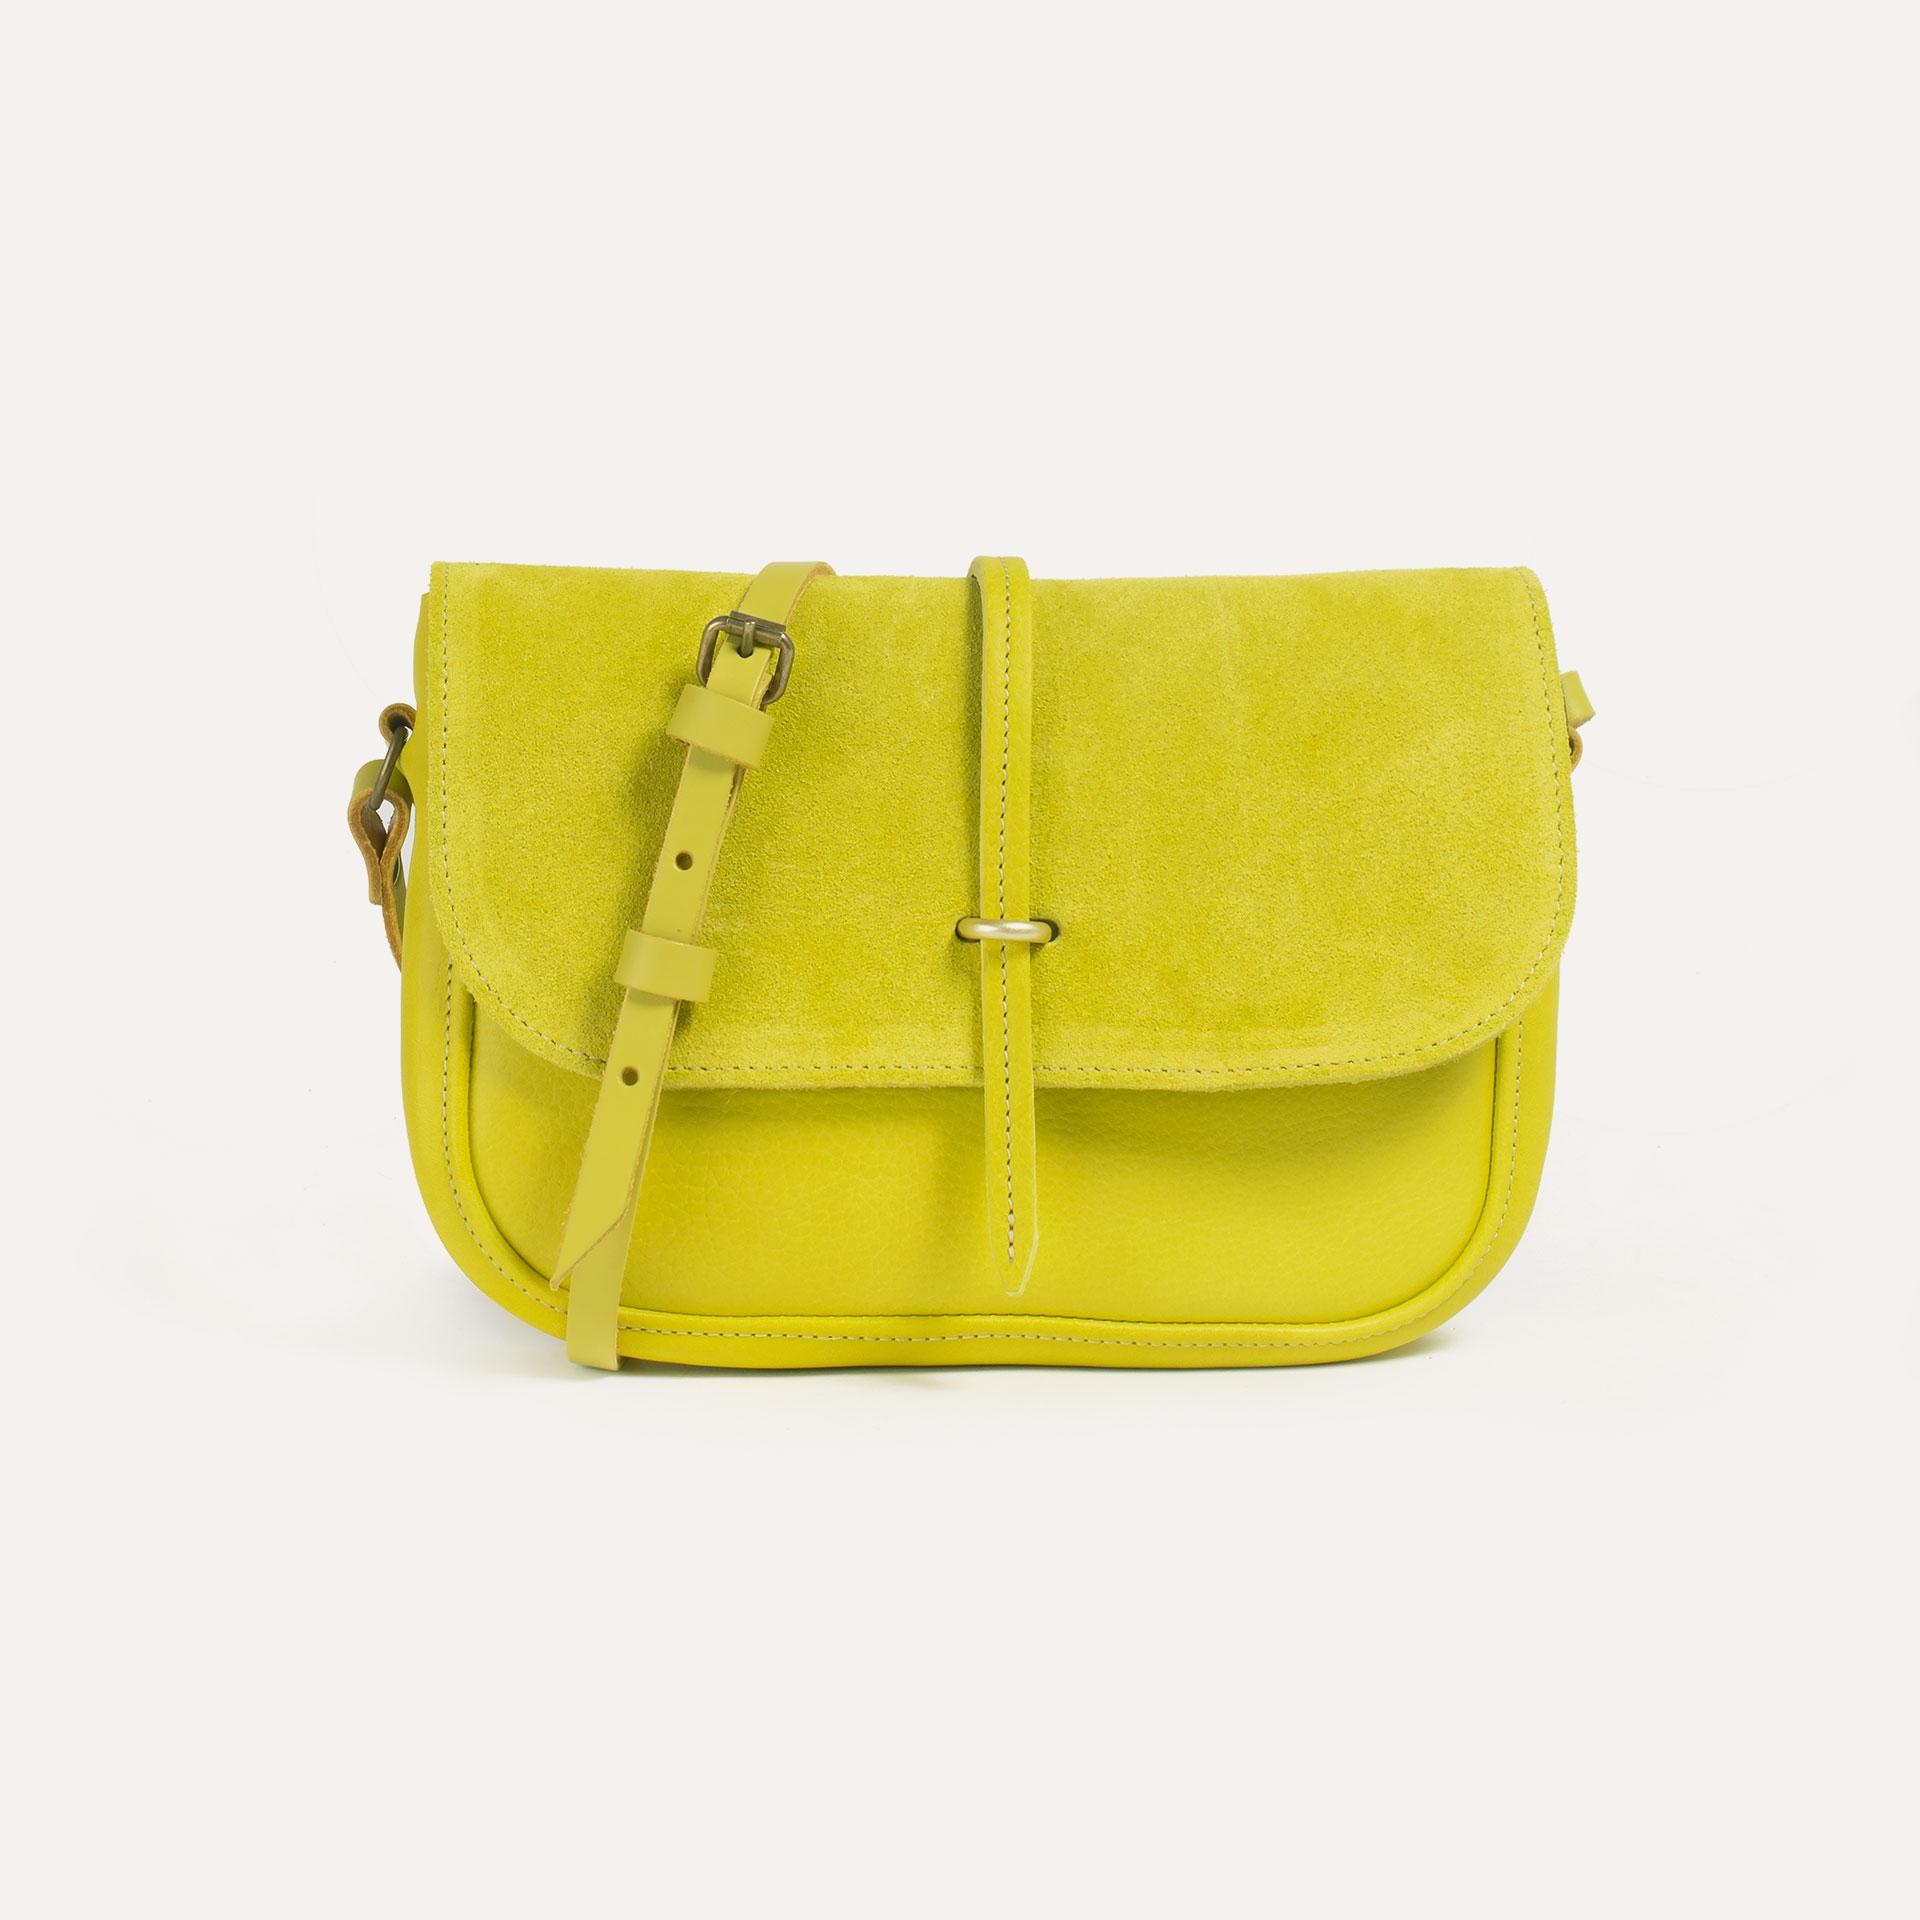 Pastis handbag - Bergamot / Mix (image n°1)